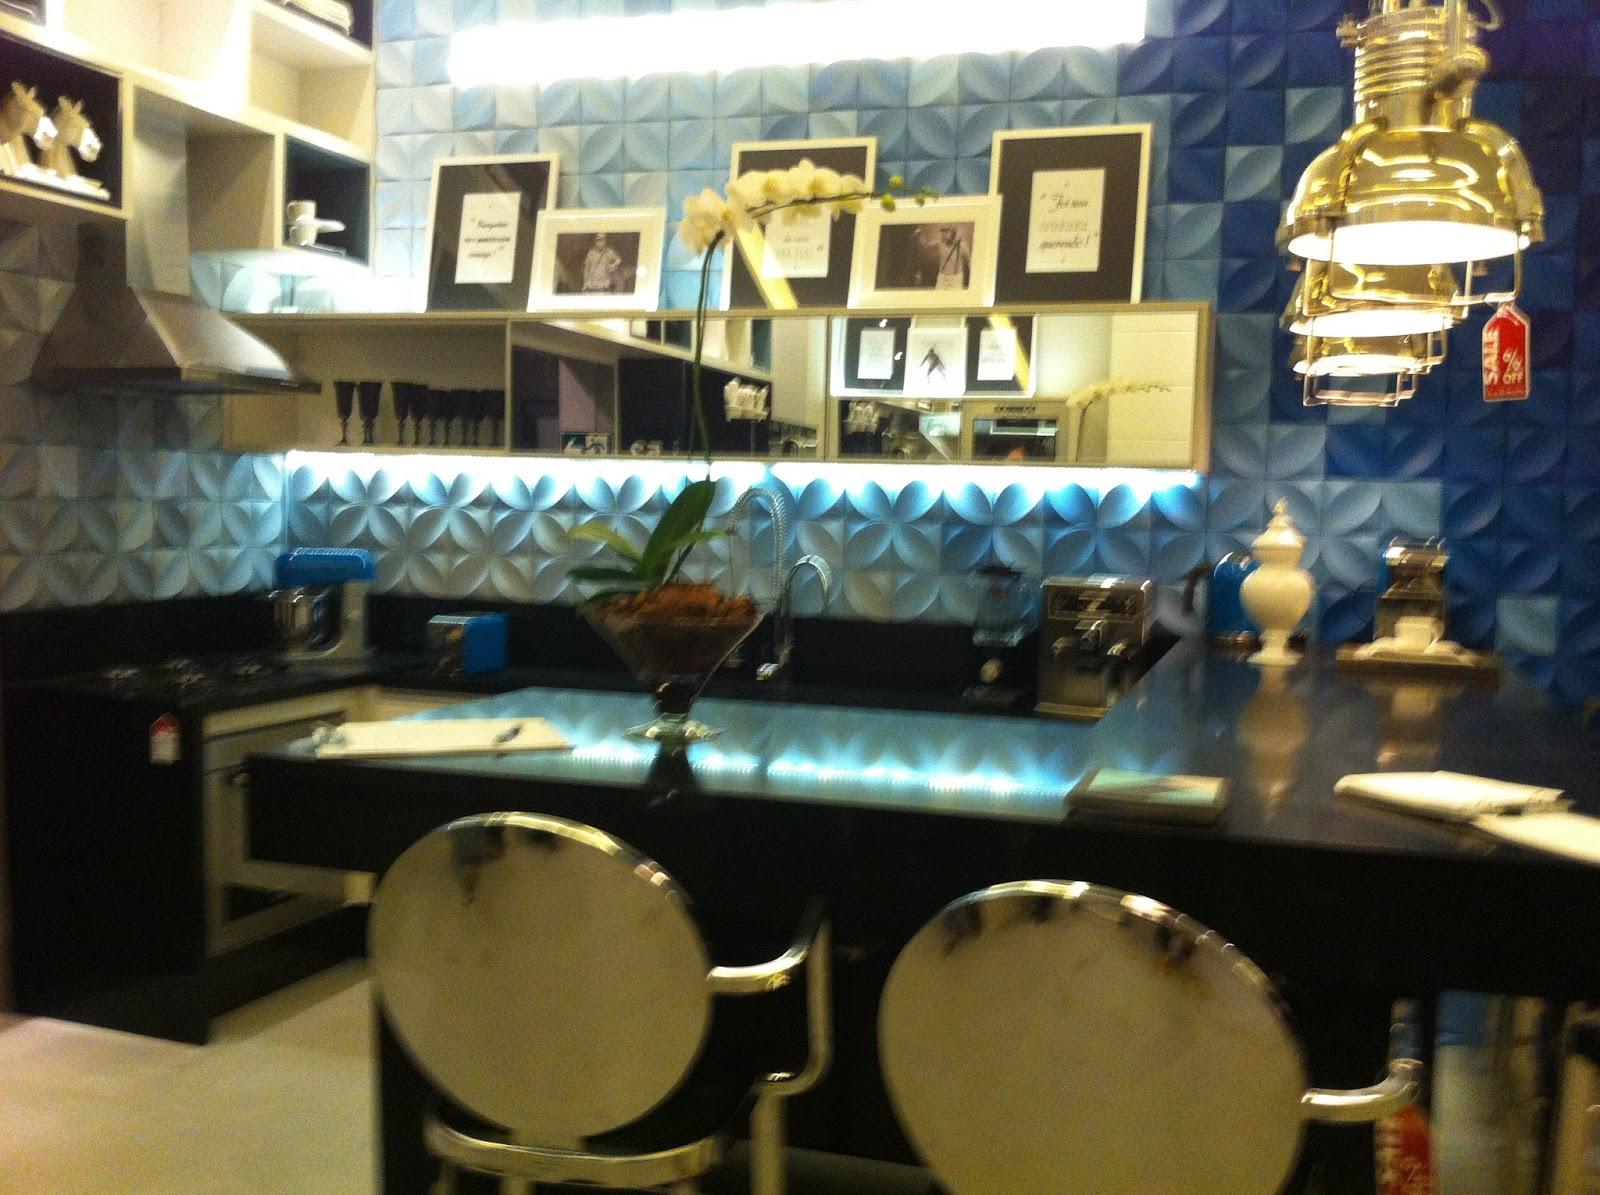 Marina Ribeirão Preto: Design na cozinha: rodabanca diferente #9B8730 1600 1195